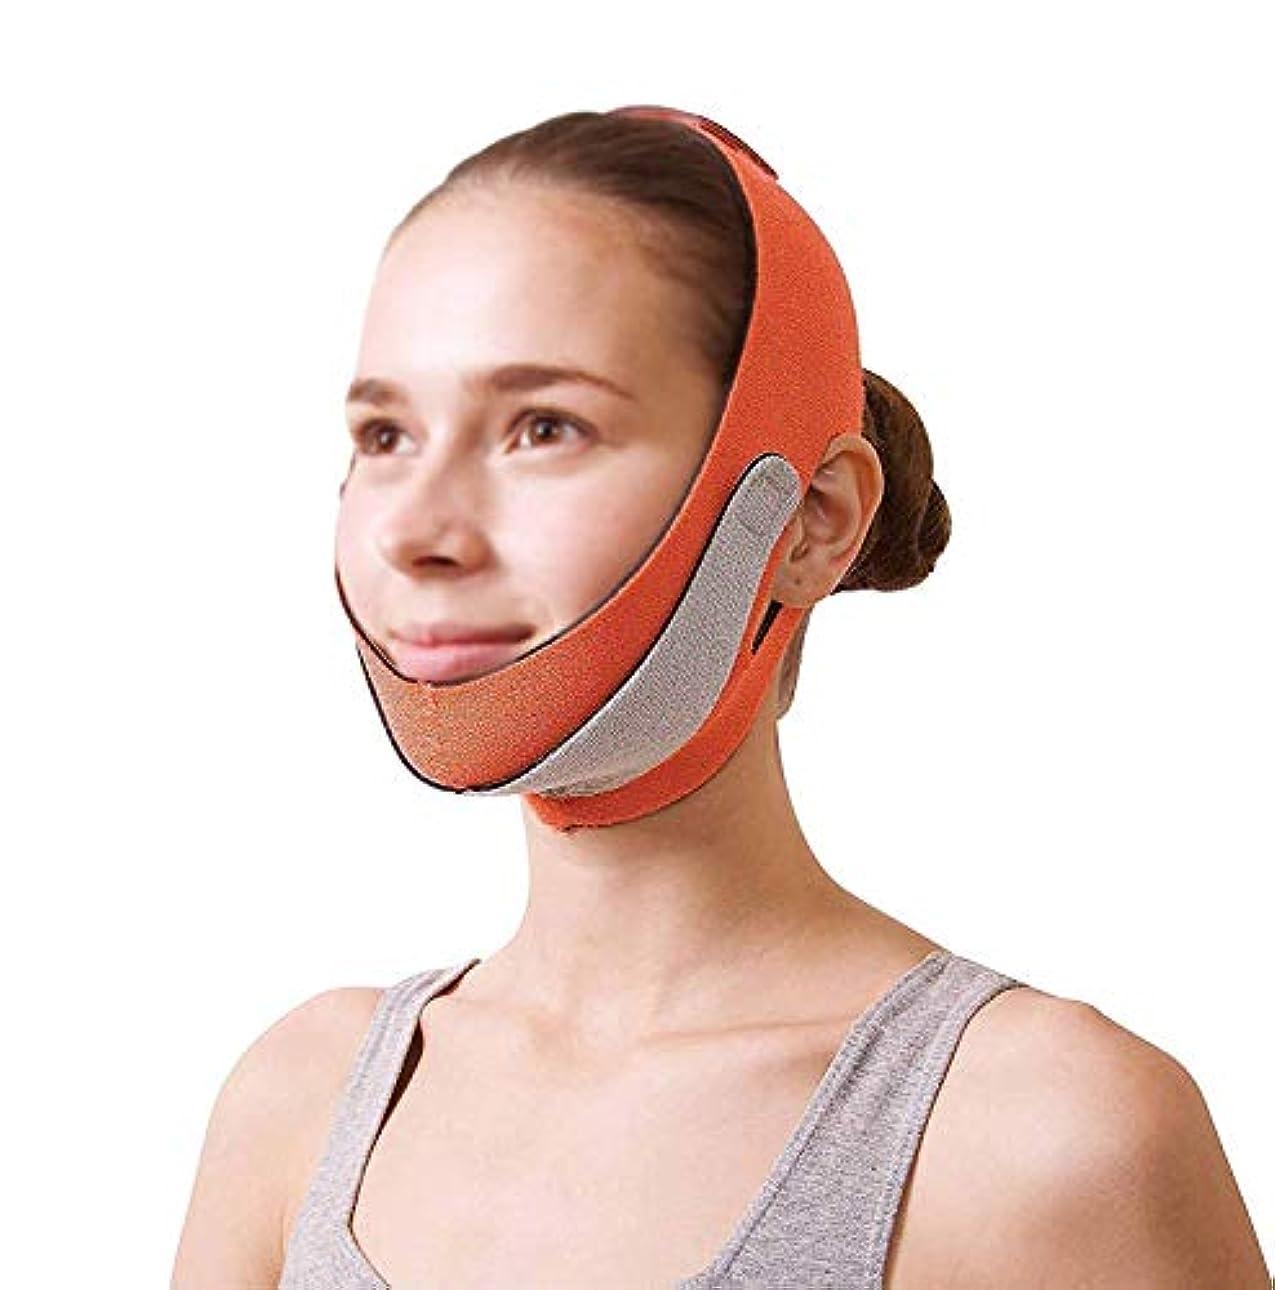 物思いにふける原子炉可動式フェイスリフトマスク、あごストラップ回復ポスト包帯ヘッドギアフェイスマスク顔薄いフェイスマスクアーティファクト美容顔と首リフトオレンジマスク